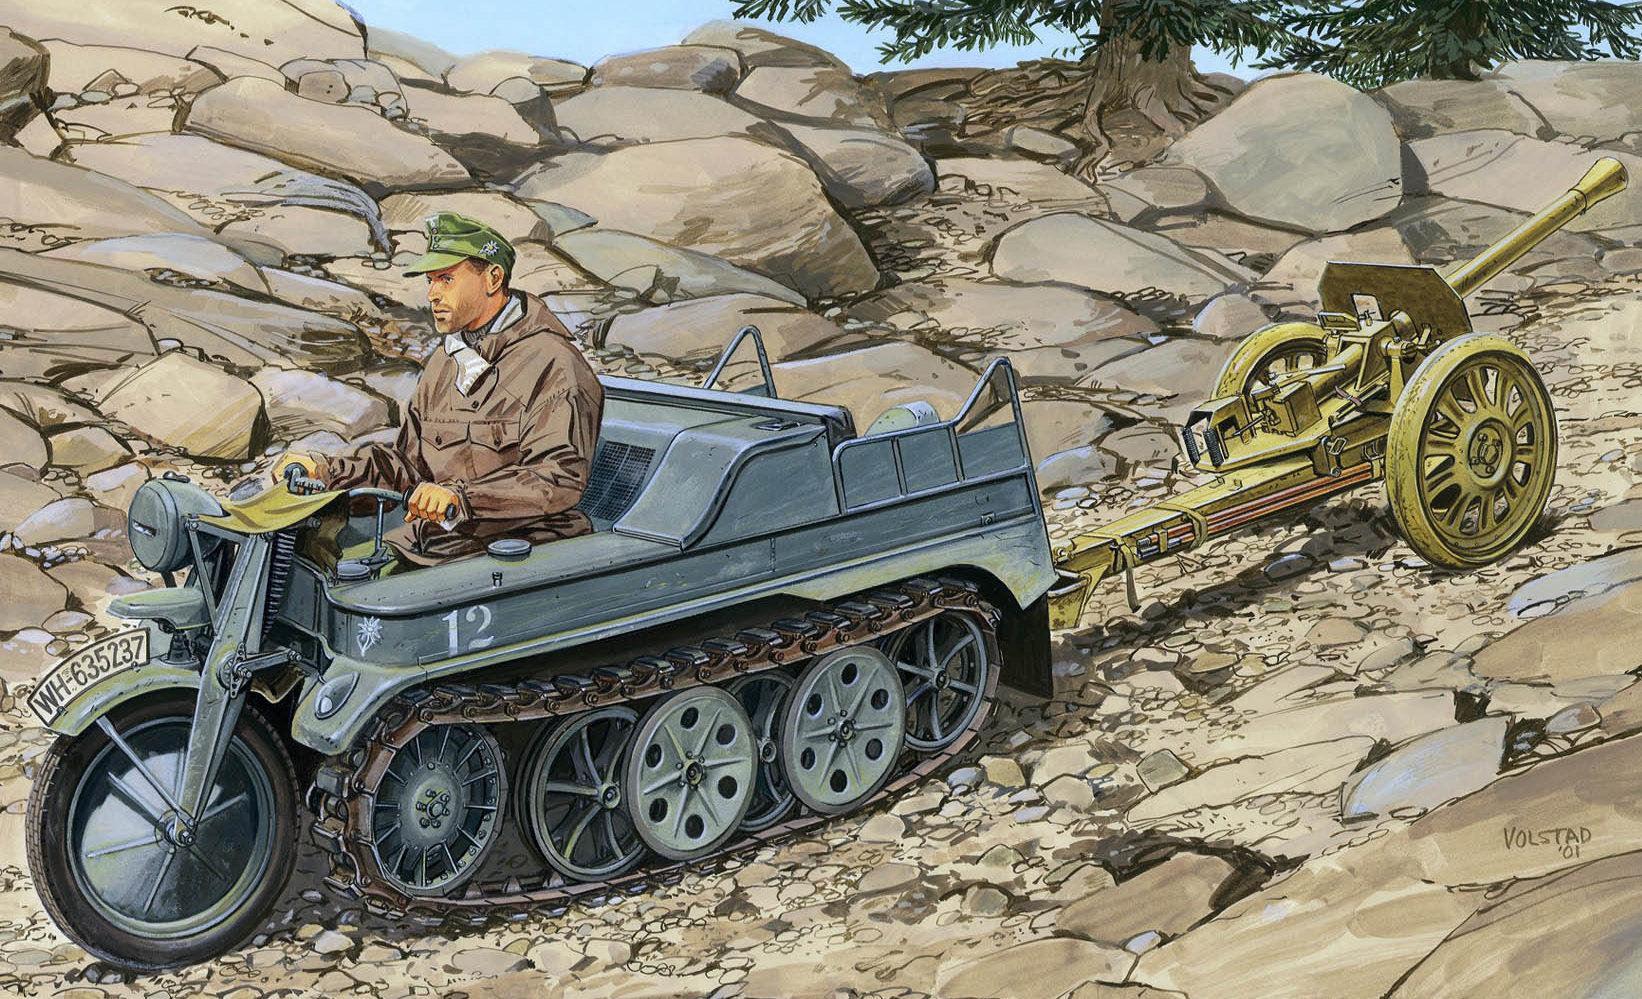 Volstad Ronald. Немецкий лёгкий артиллерийский тягач SdKfz 2.